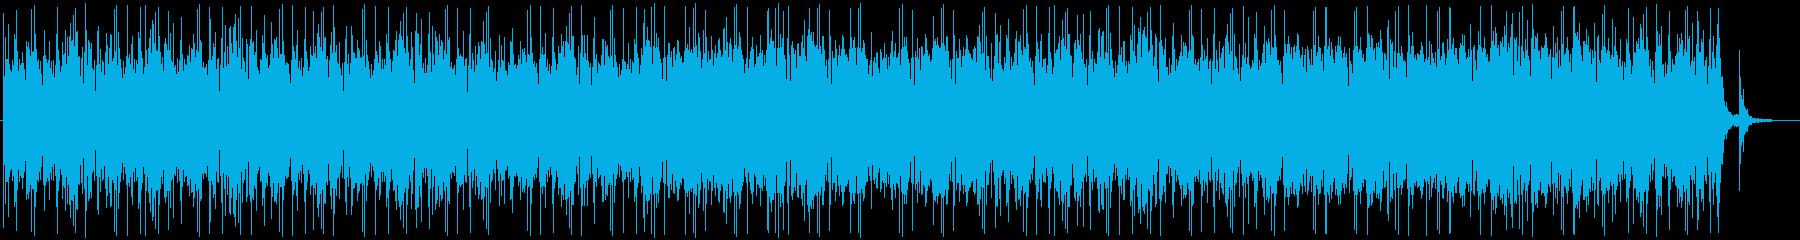 午後の落ち着くアコースティックBGM-森の再生済みの波形